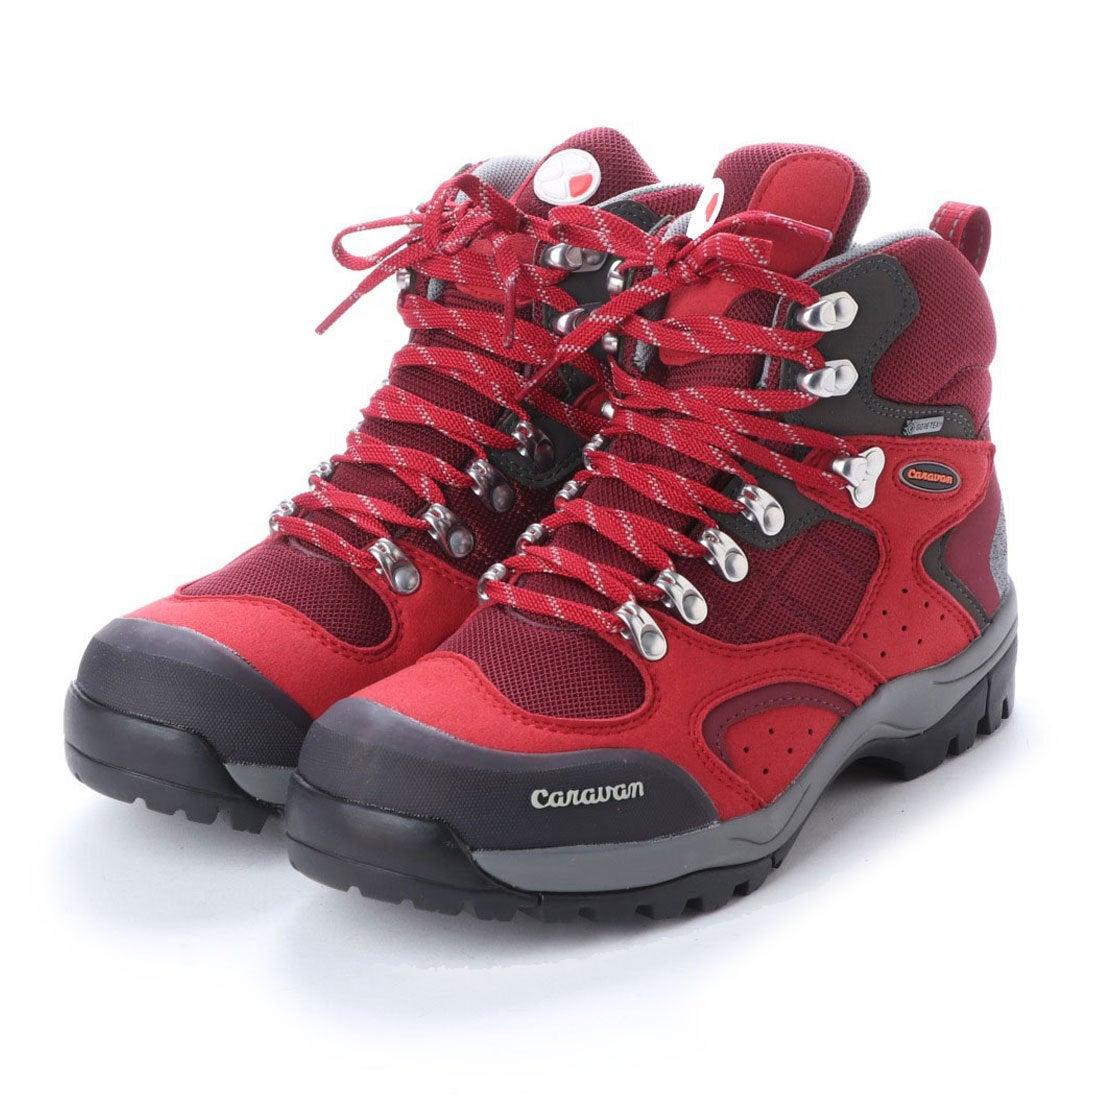 ロコンド 靴とファッションの通販サイトキャラバン Caravan トレッキング シューズ C1_02S 0010106